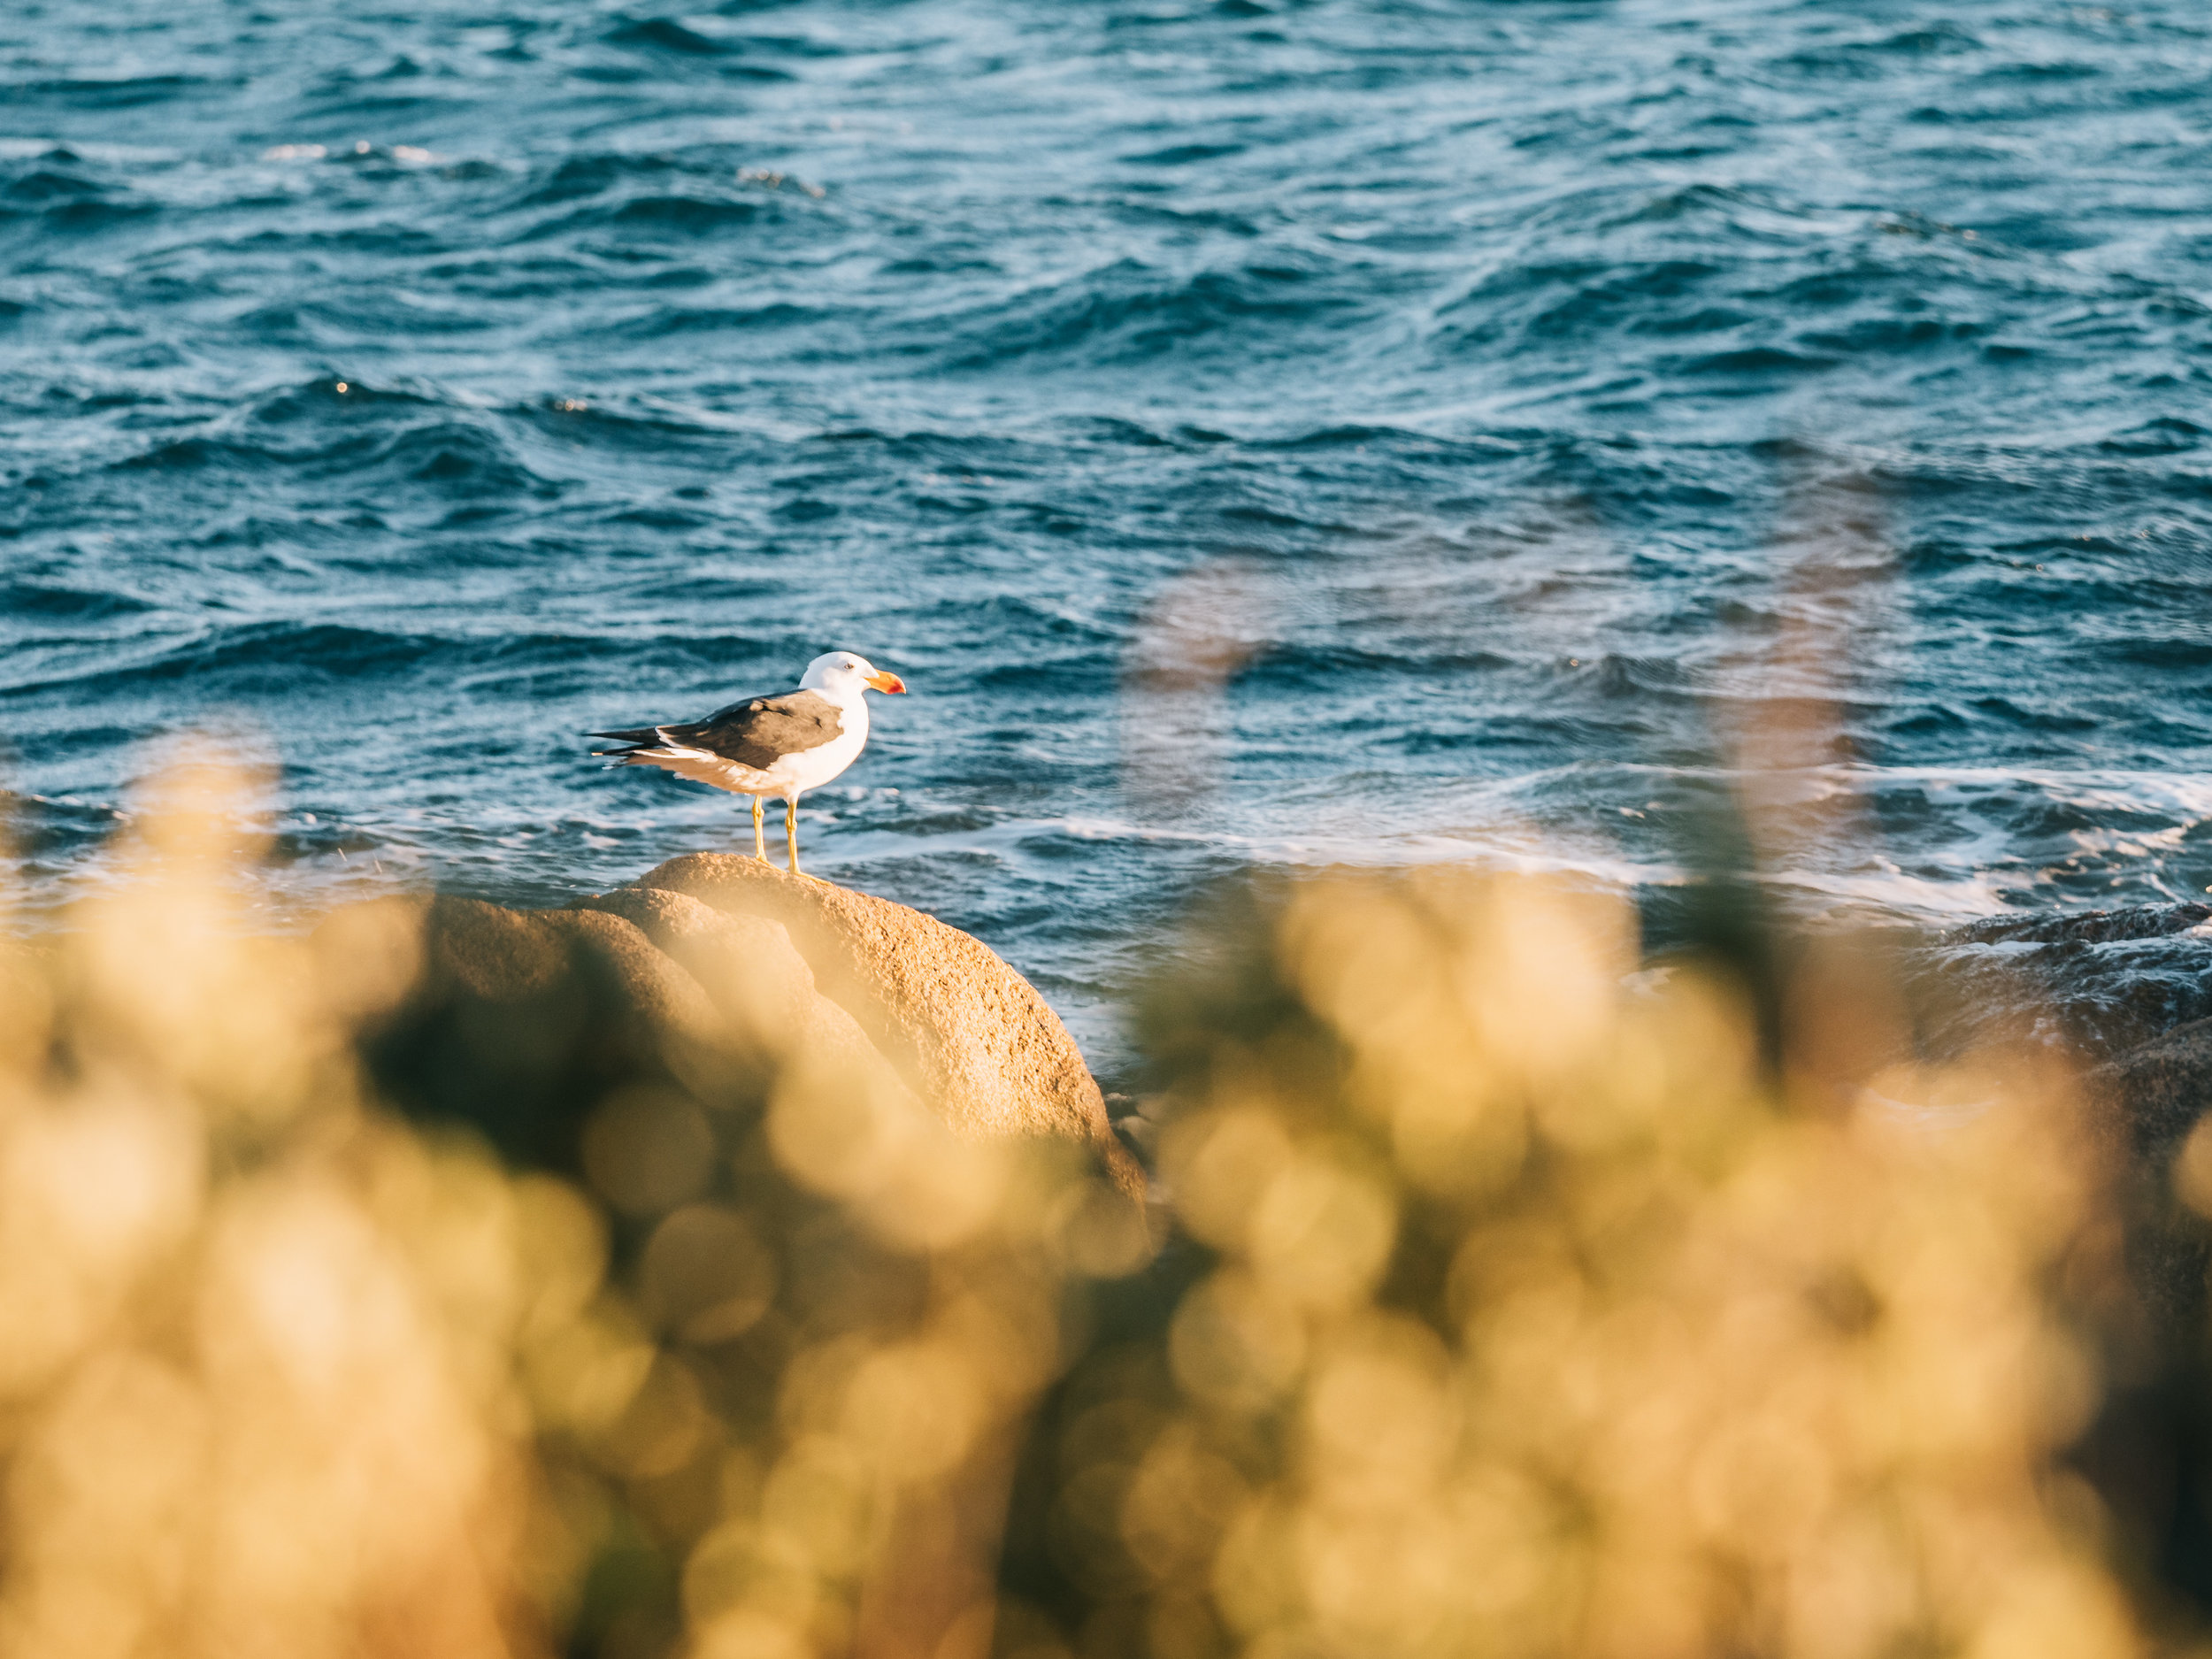 Coles Bay, Tasmania